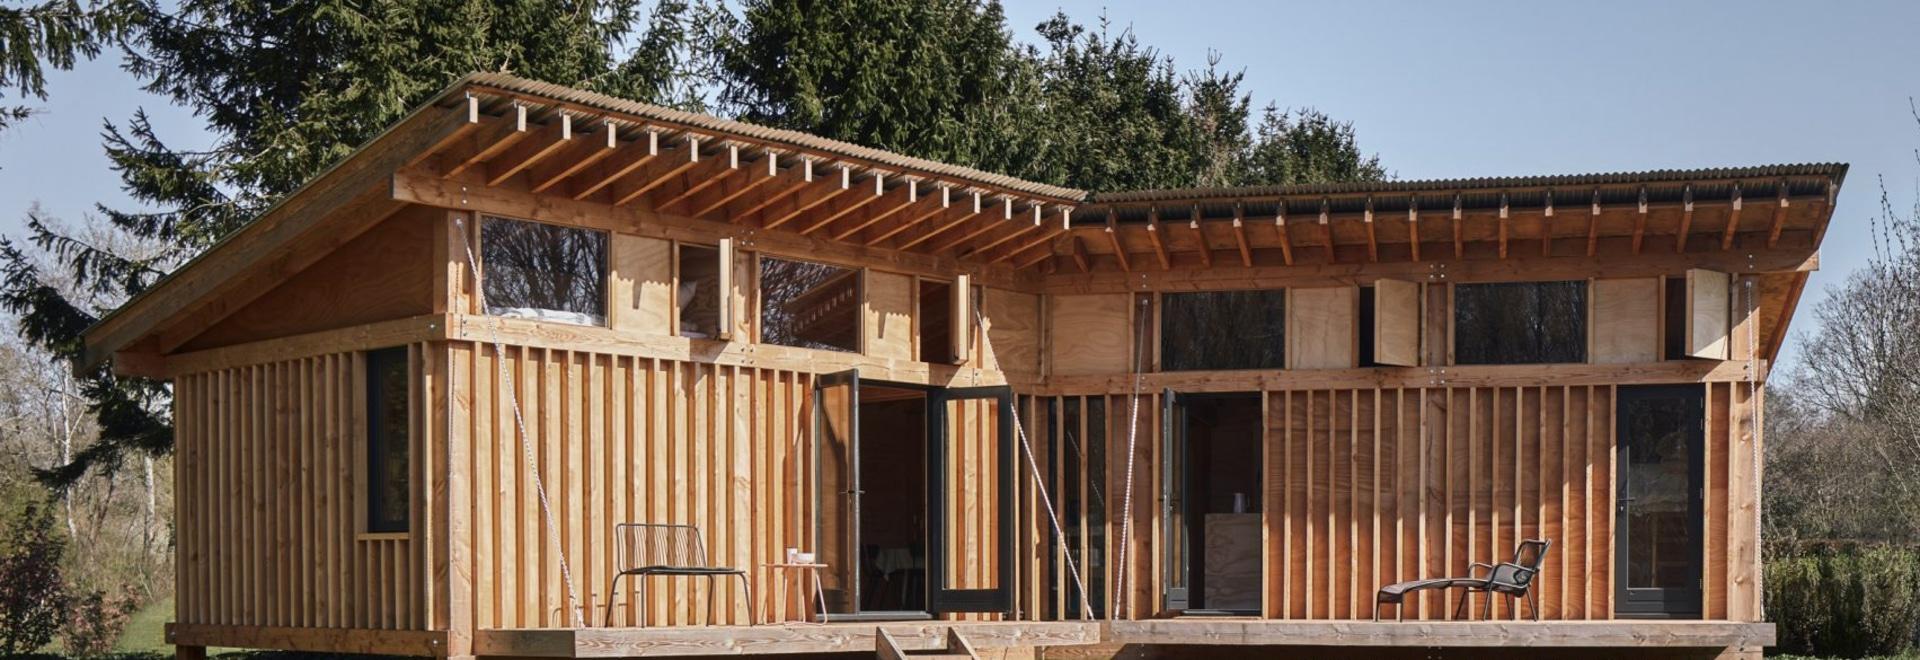 Crafted Works expone la estructura de madera en toda la cabaña de los Países Bajos